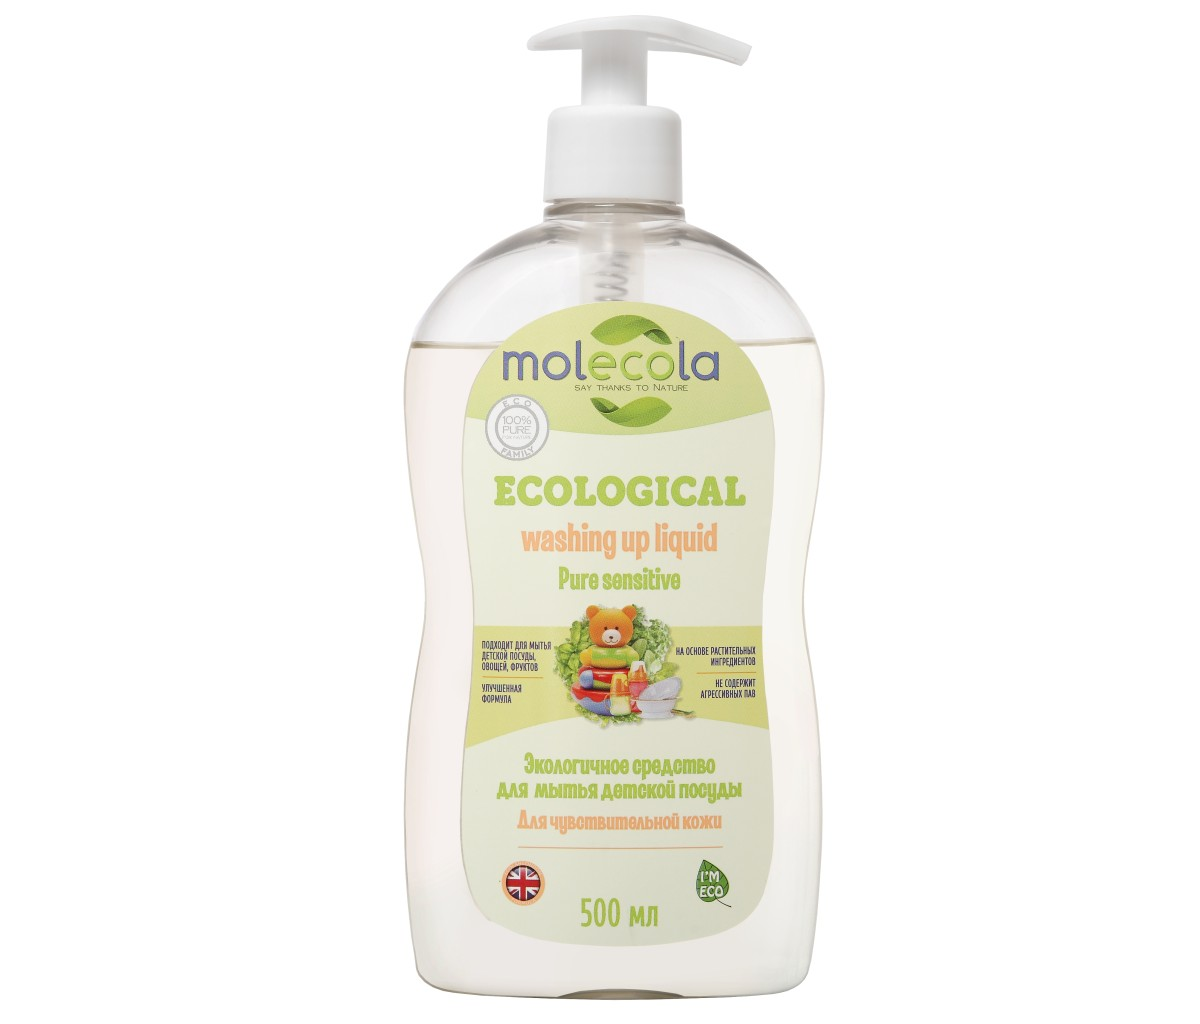 Средство для мытья детской посуды Molecola Pure Sensitive, экологичное, 500 мл9011Средство Molecola Pure Sensitive гипоаллергенное, концентрированное средство для мытья детской посуды с нежным ароматом. Средство подходит длямытья сосок, бутылок, прорезывателей, а так же кухонных принадлежностей.Может использоваться для мытья овощей и фруктов. Мягко воздействует на кожу рук, не раздражая ее. Новая формула на основе безопасных растительных ингредиентов обеспечивает высокую эффективность и экологичность использования. Состав: Вода , > 5% анионные ПАВ, глицерин, > 5% аморфные ПАВ, загуститель (ксантановая камедь), консервант, отдушка, лимонная кислота.Товар сертифицирован.